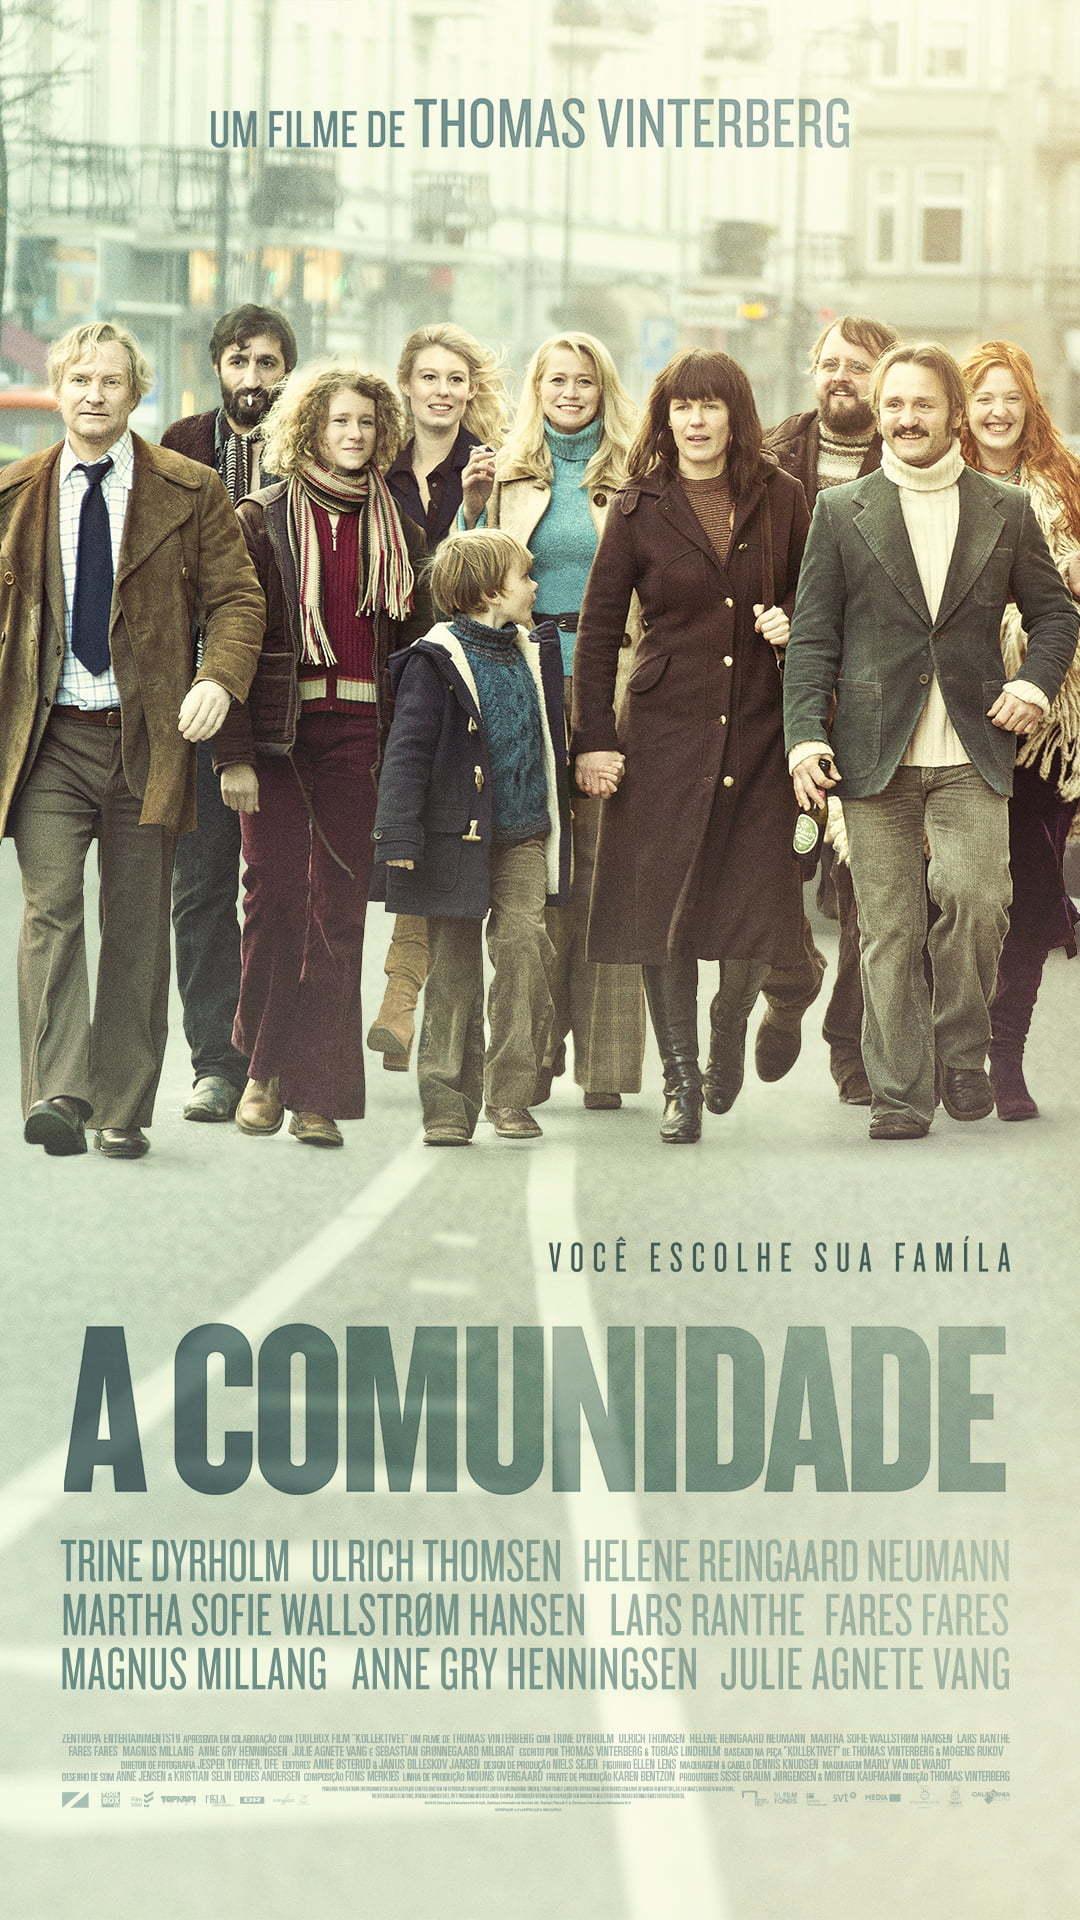 The Commune Kollektivet